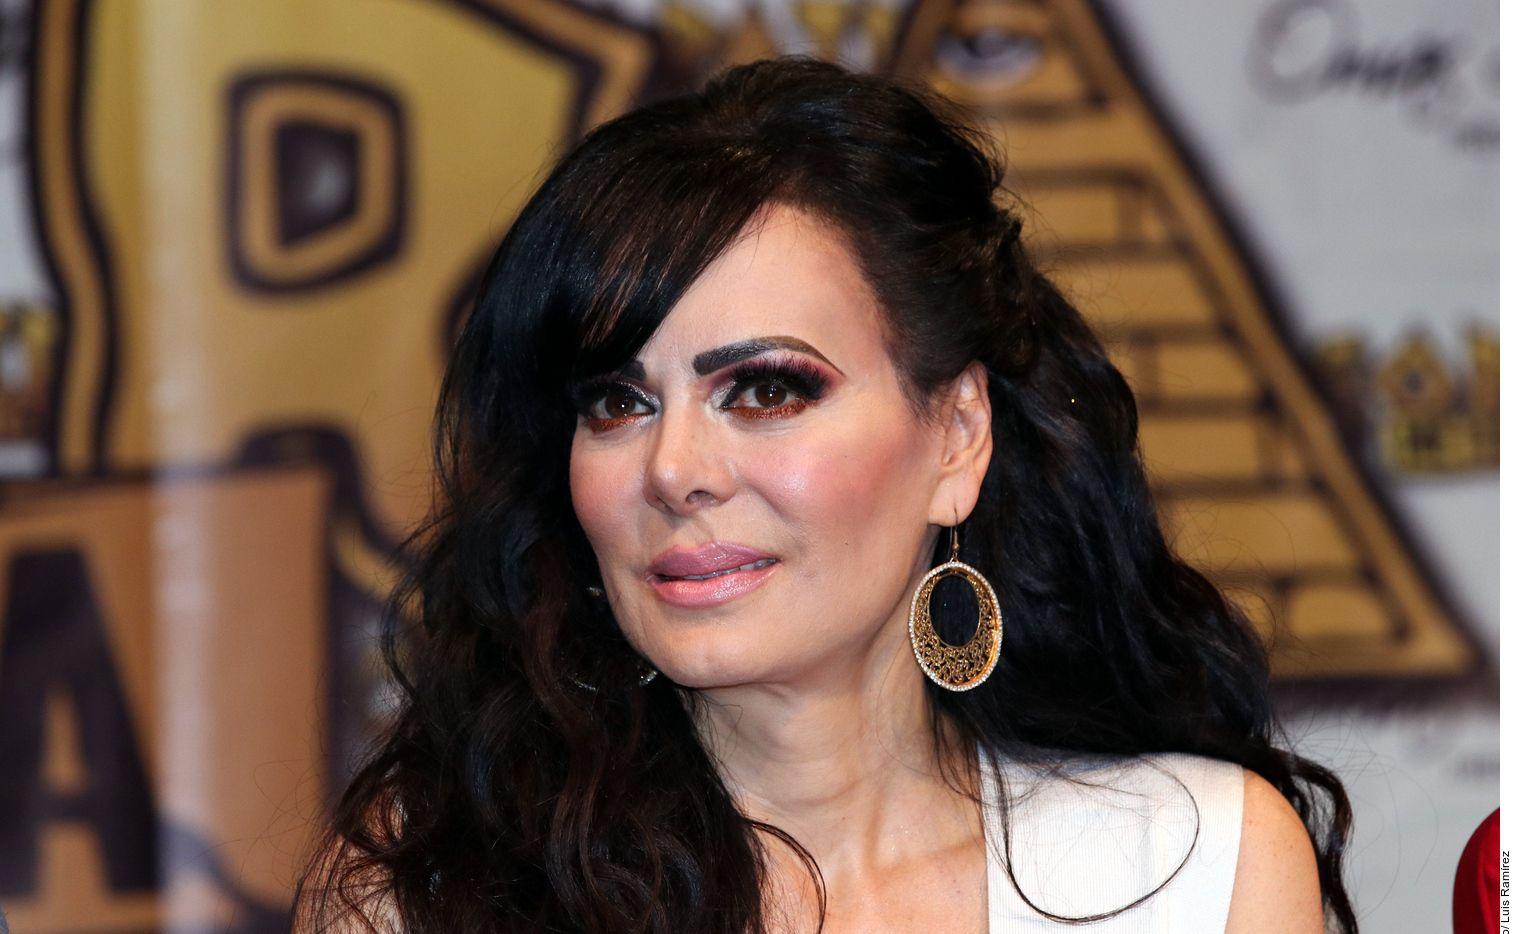 La actriz festejará su onomástico el próximo 29 de mayo y lejos de estar preocupada por llegar a la década de los sesenta, toma con humor los cuestionamientos acerca de su edad./ AGENCIA REFORMA